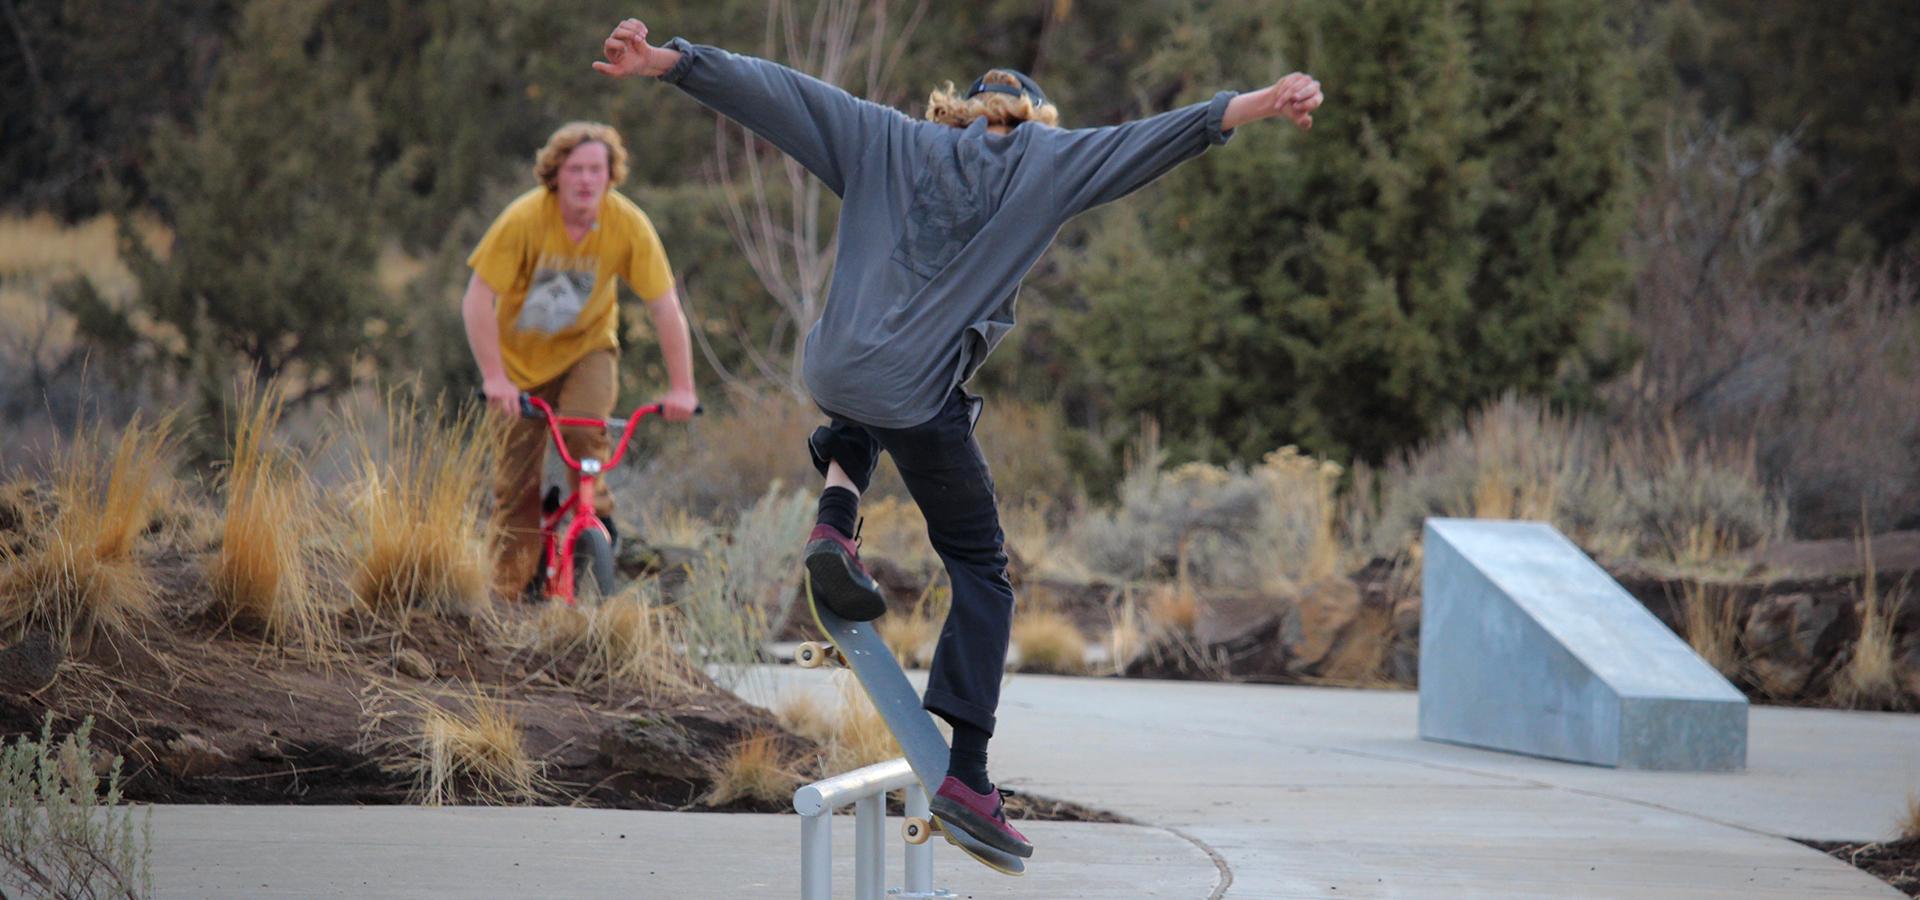 Stone-Creek-Park-Skatepark